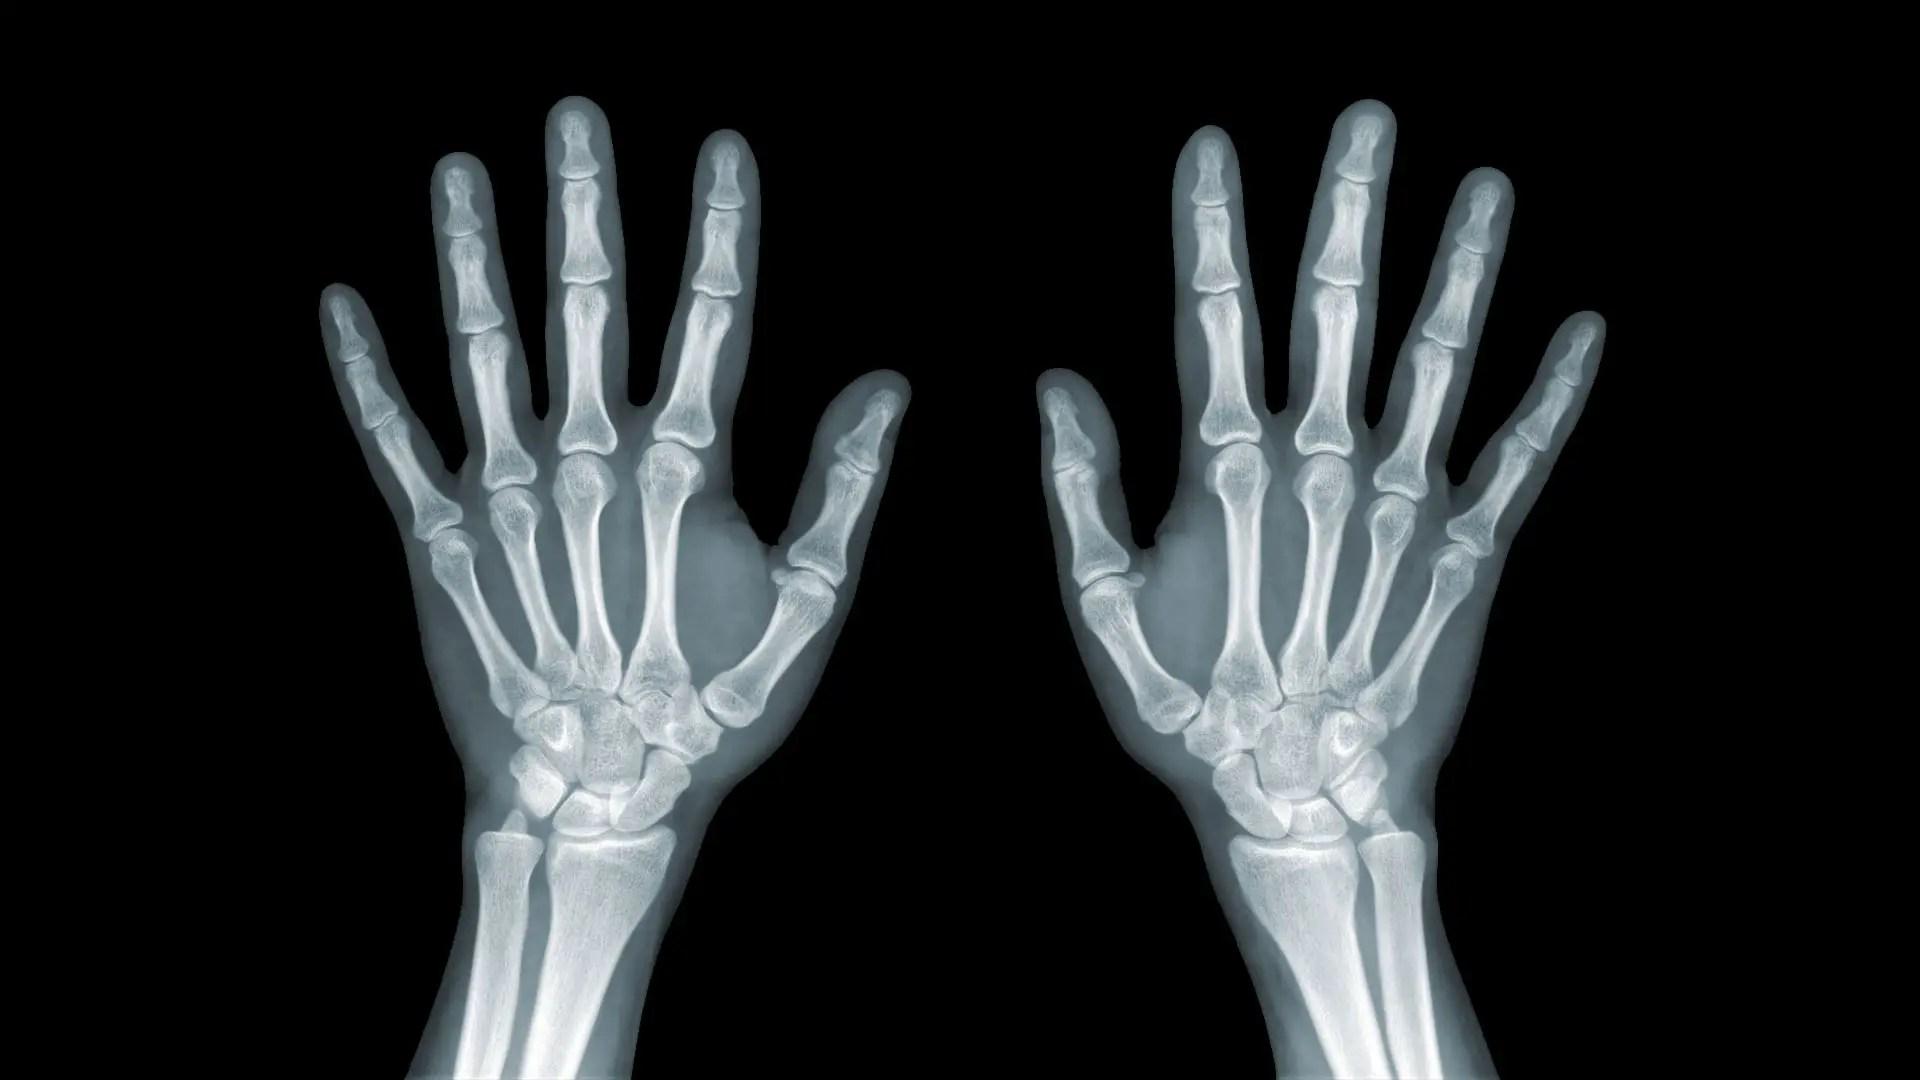 könnyező fájdalom a kéz ízületeiben)